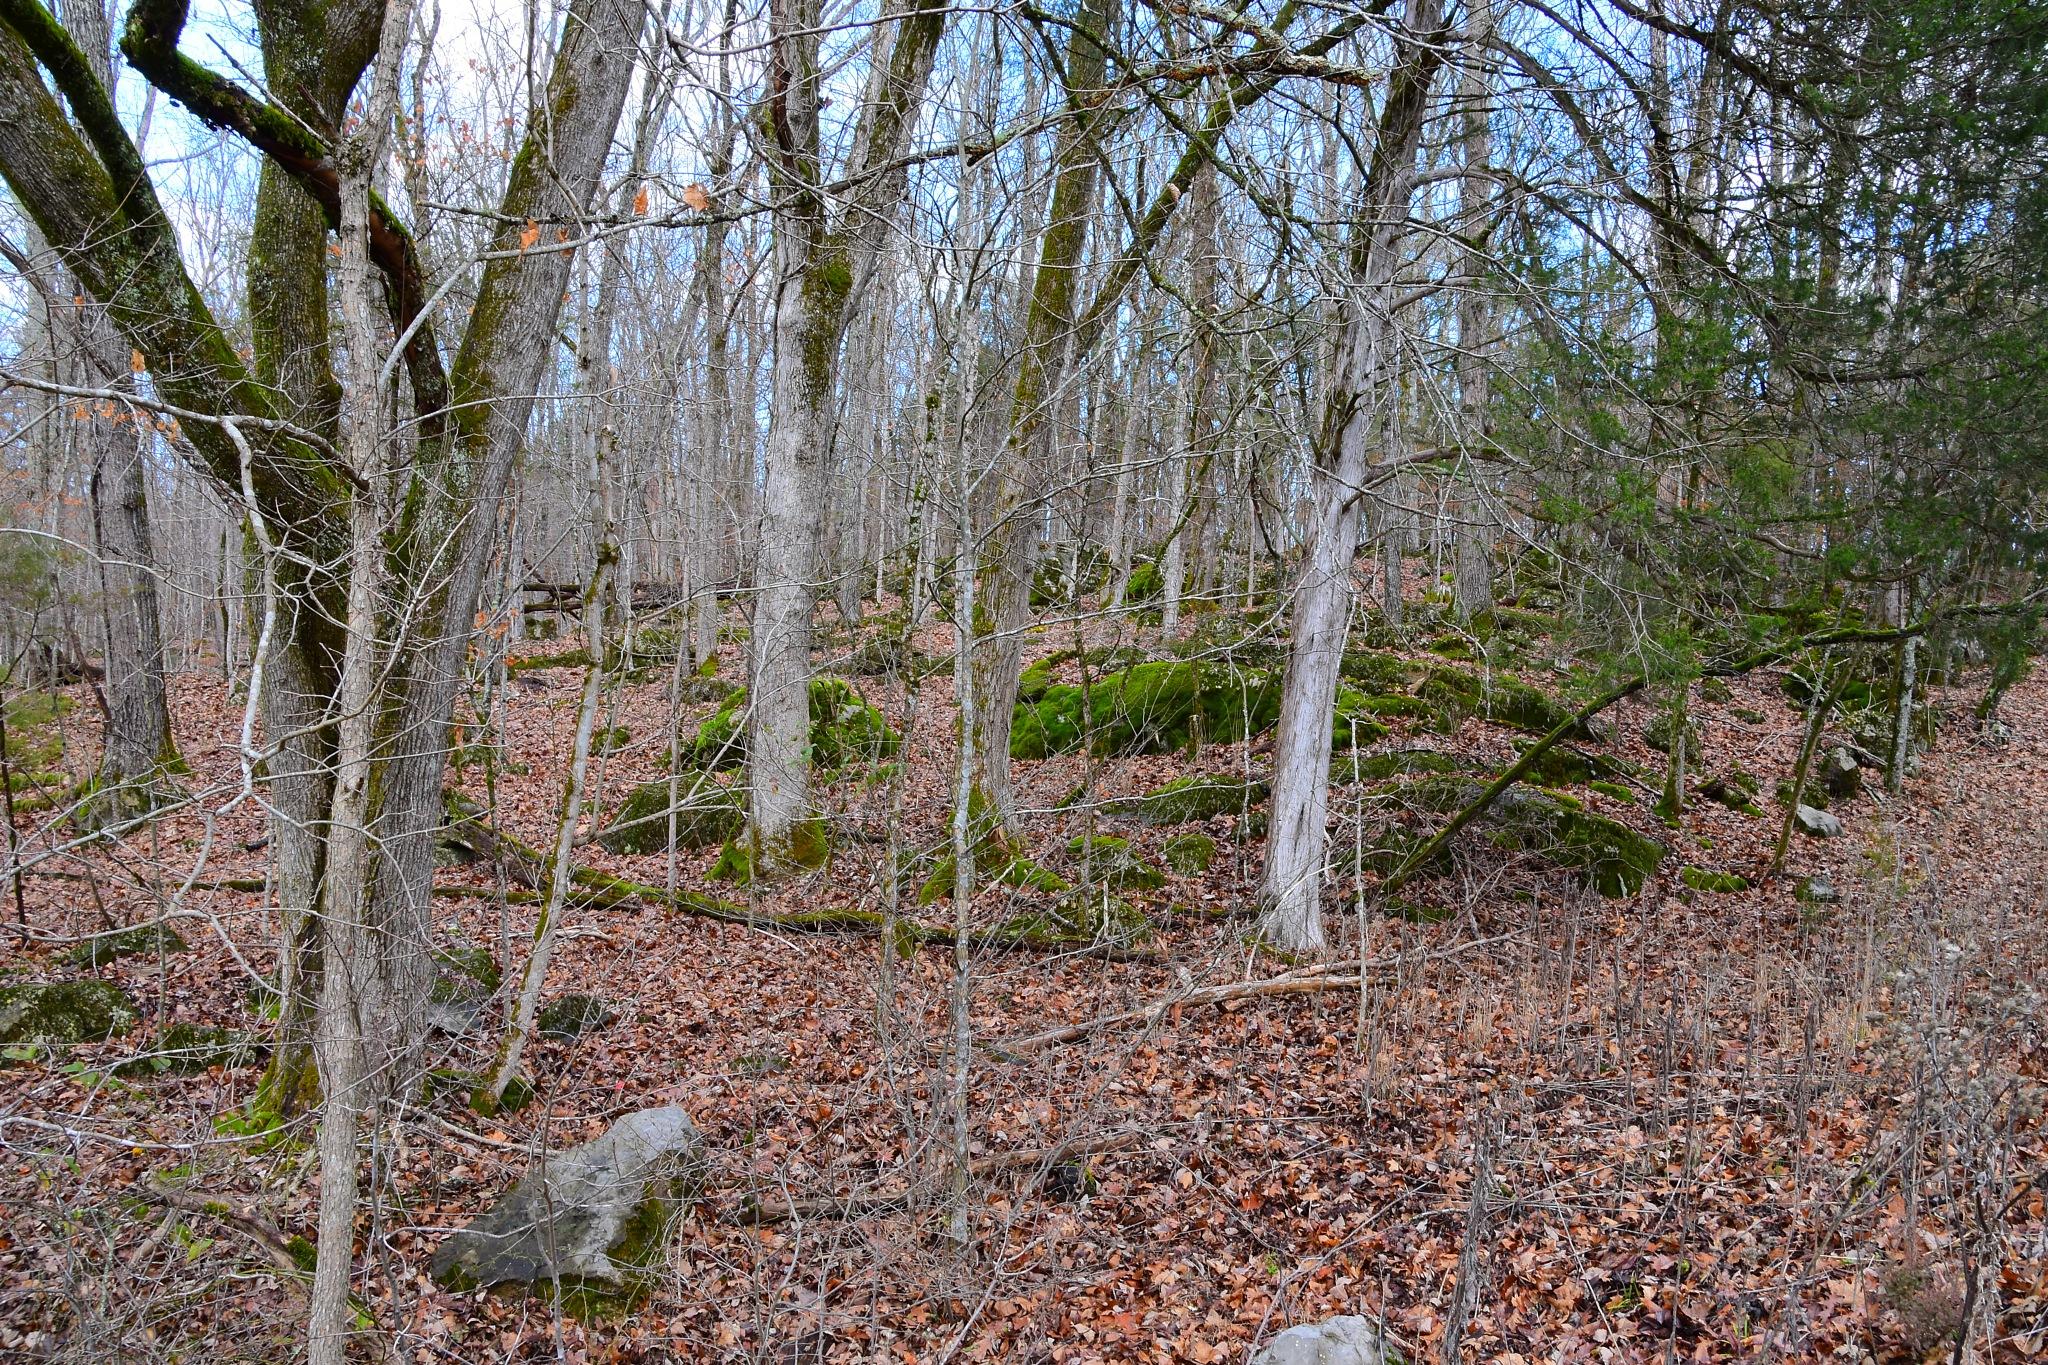 Mossy Rocks by Greg Knott